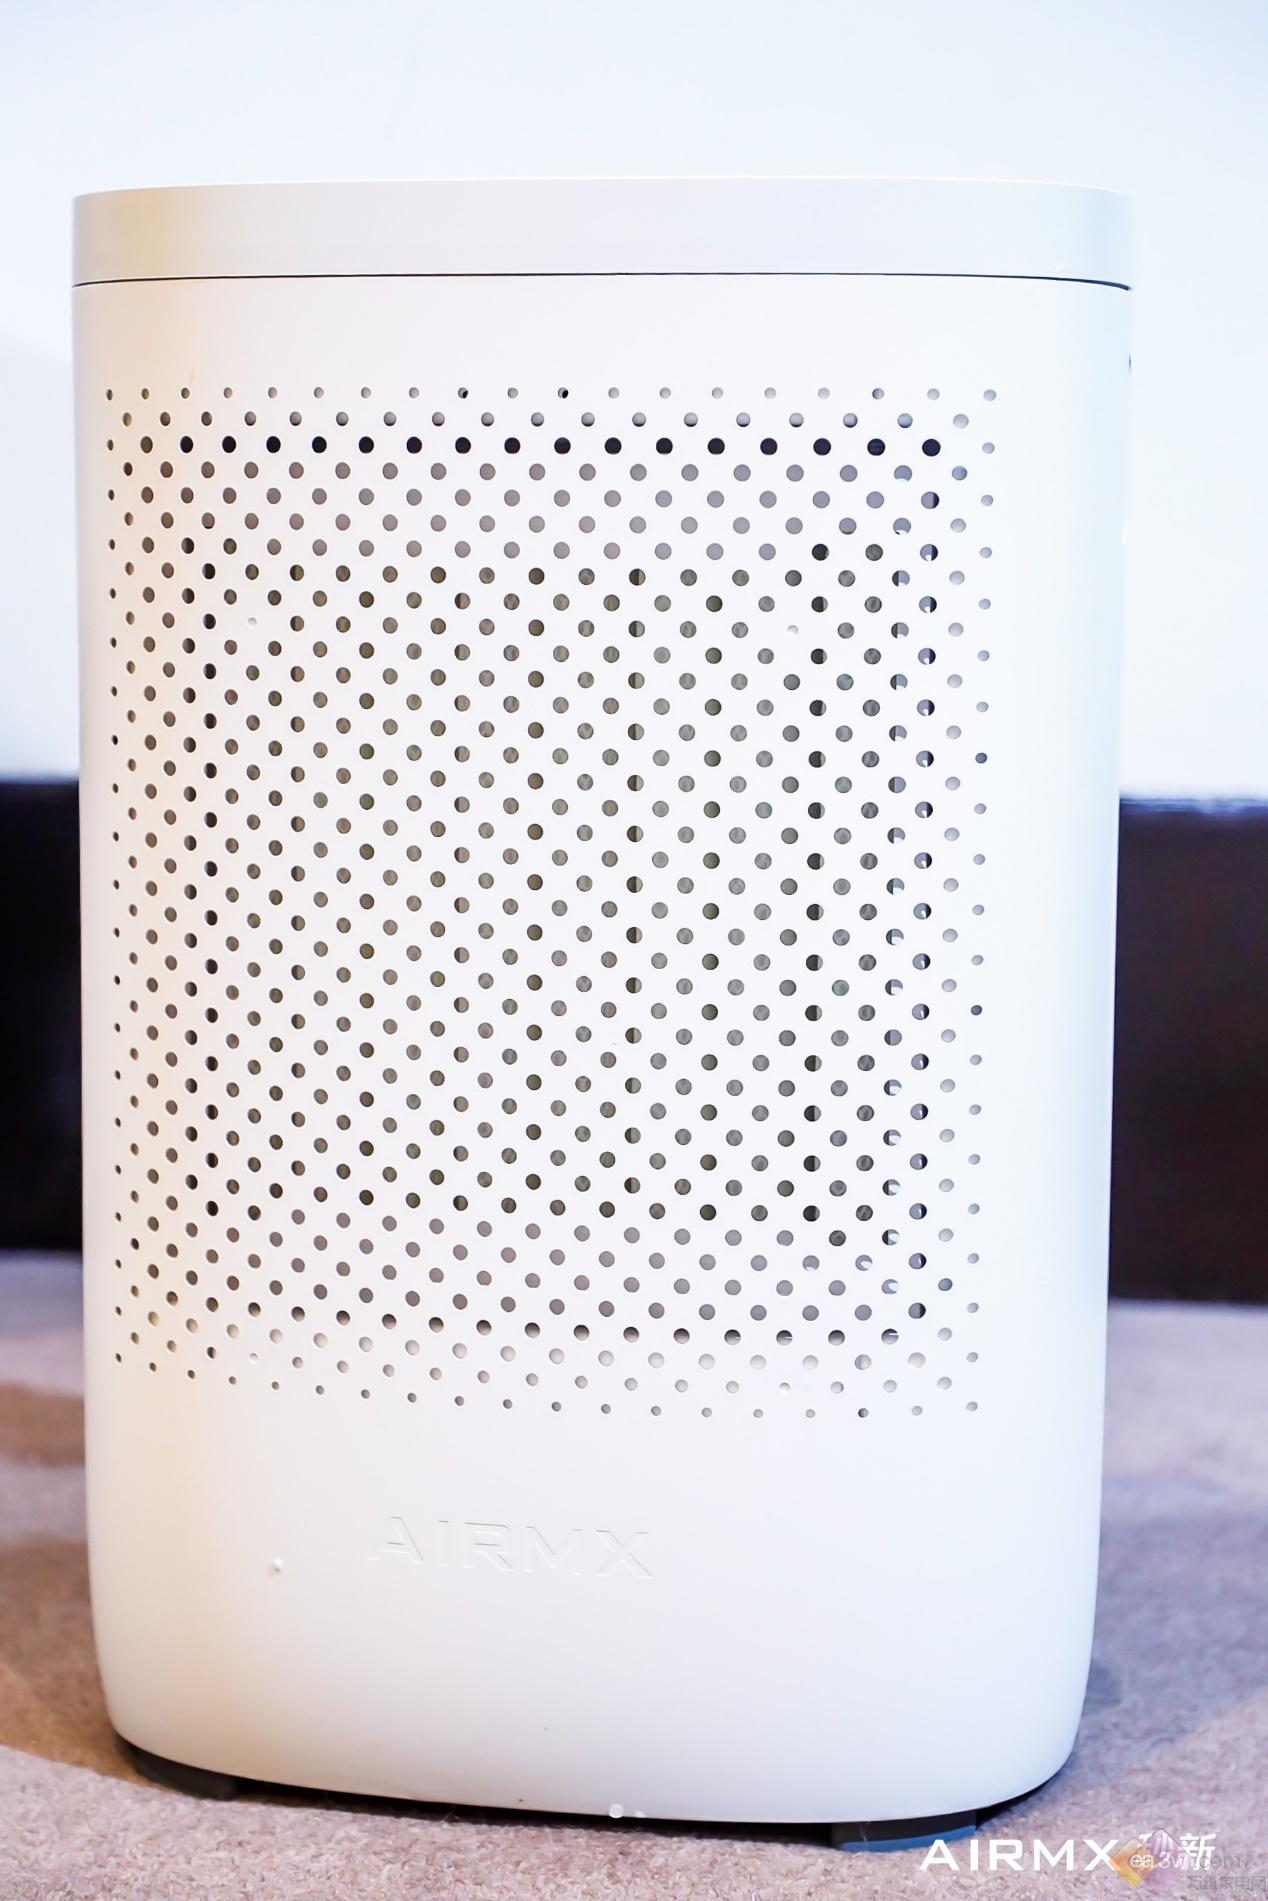 5倍性能戴森 秒新发布年度新品AirWater无污染加湿器